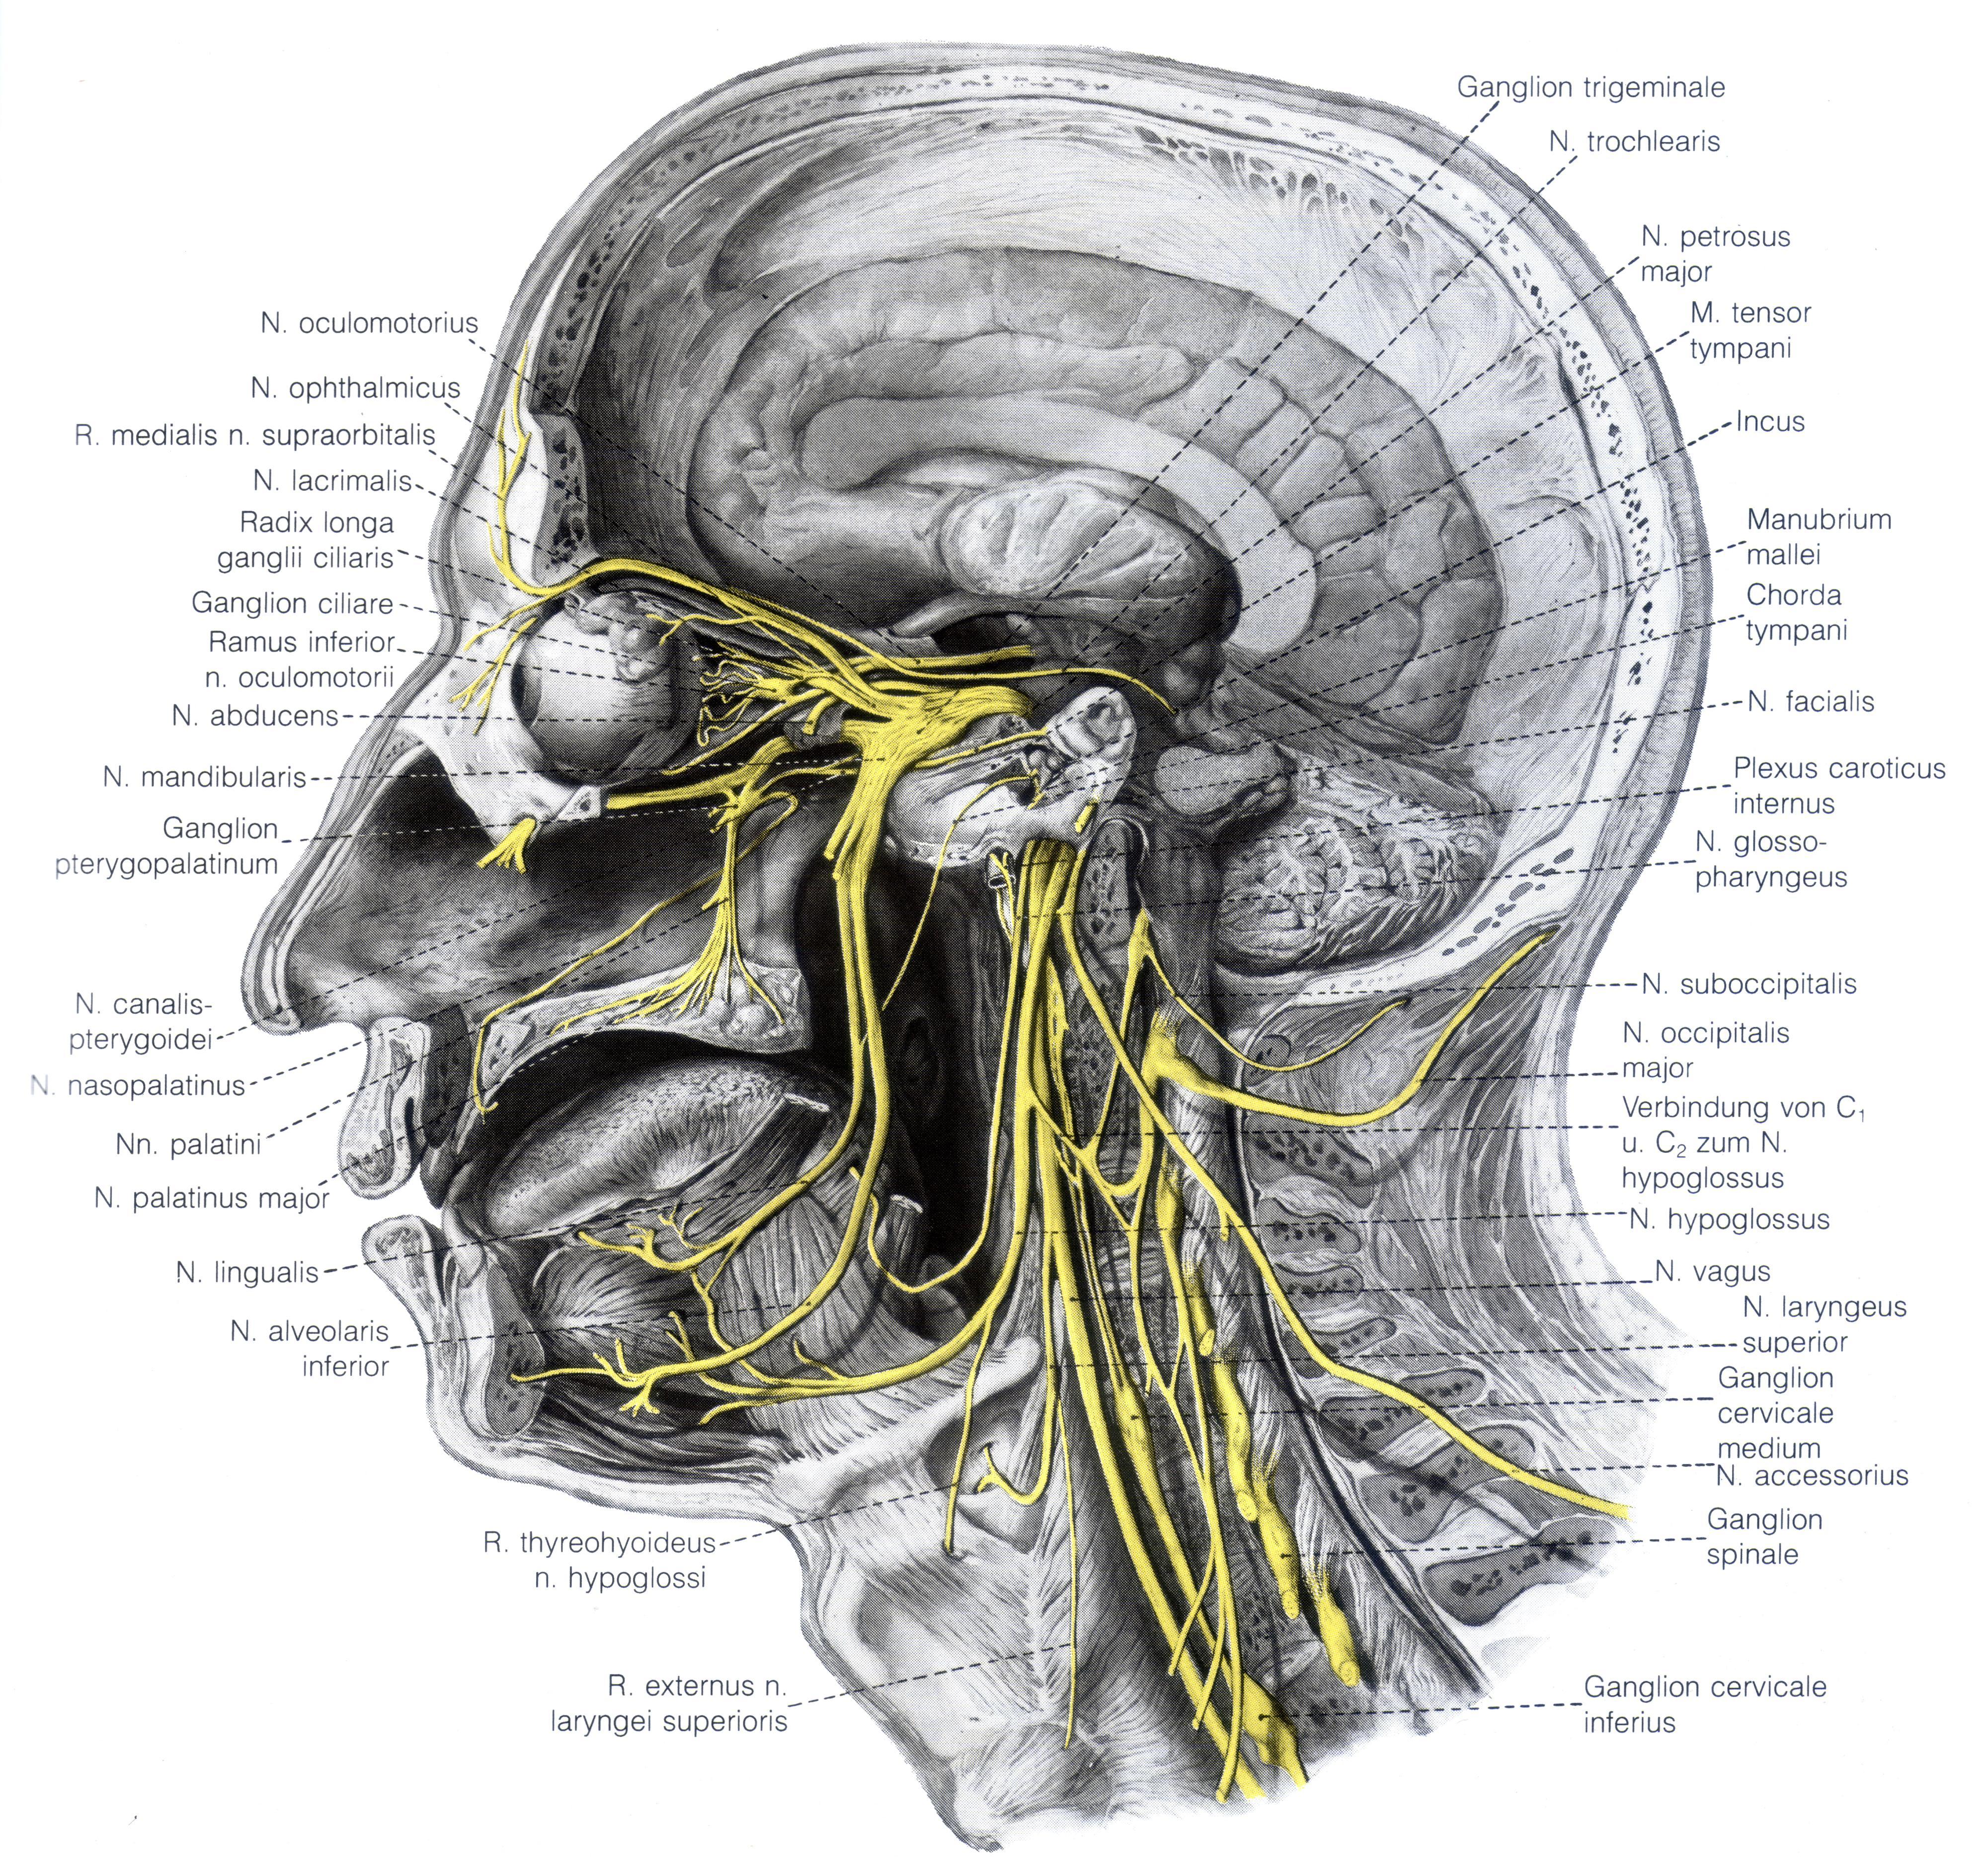 шея нервы с картинками галлов